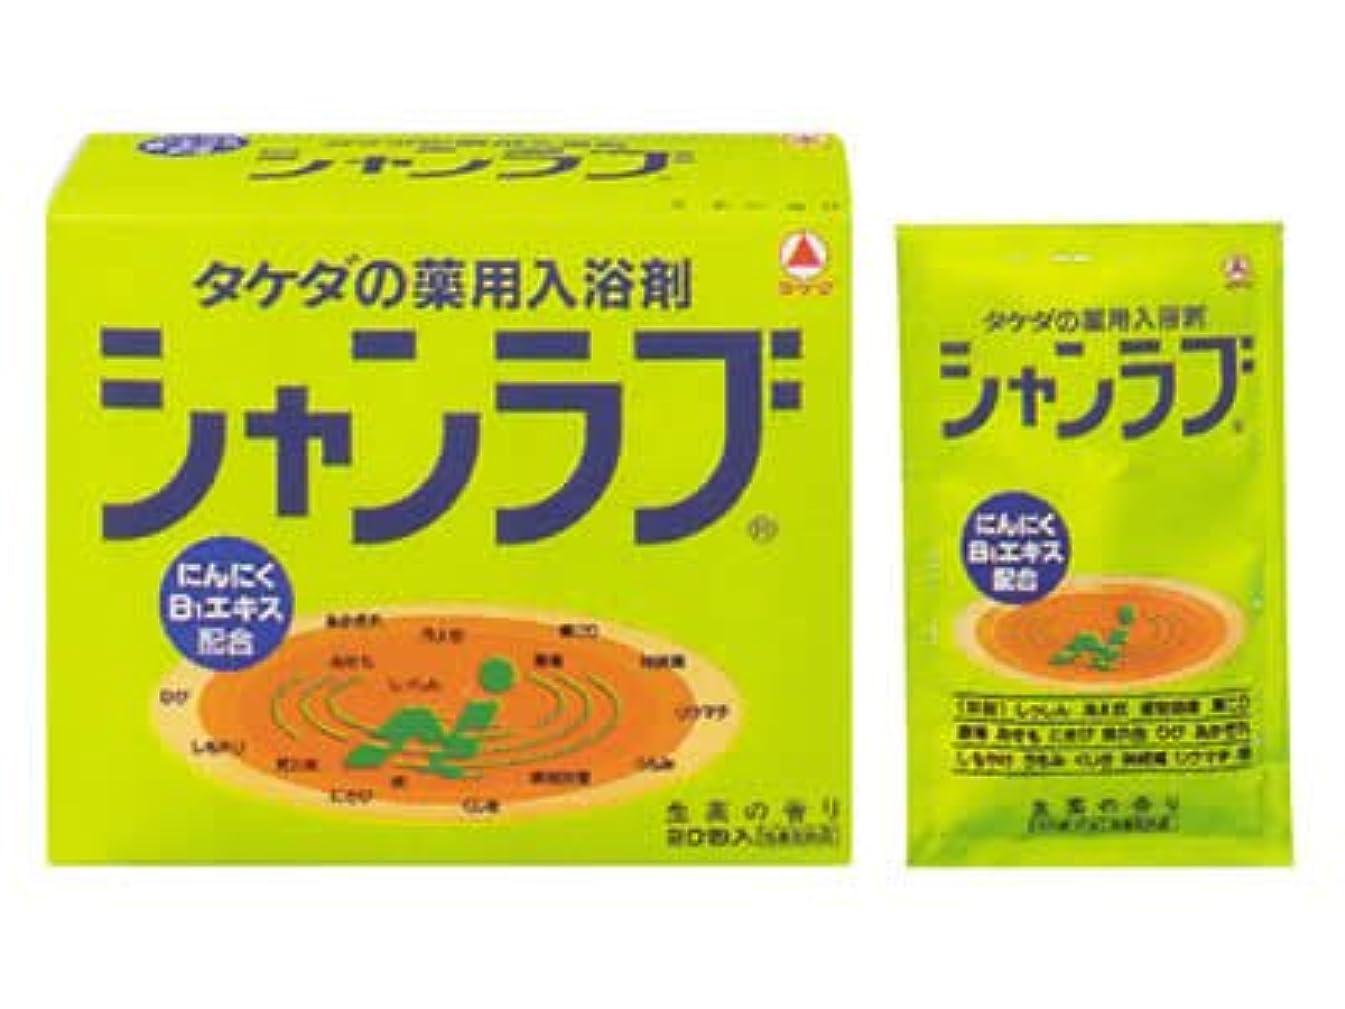 挑発する選択作曲する武田コンシューマーヘルスケア シャンラブ 生薬の香り 20包